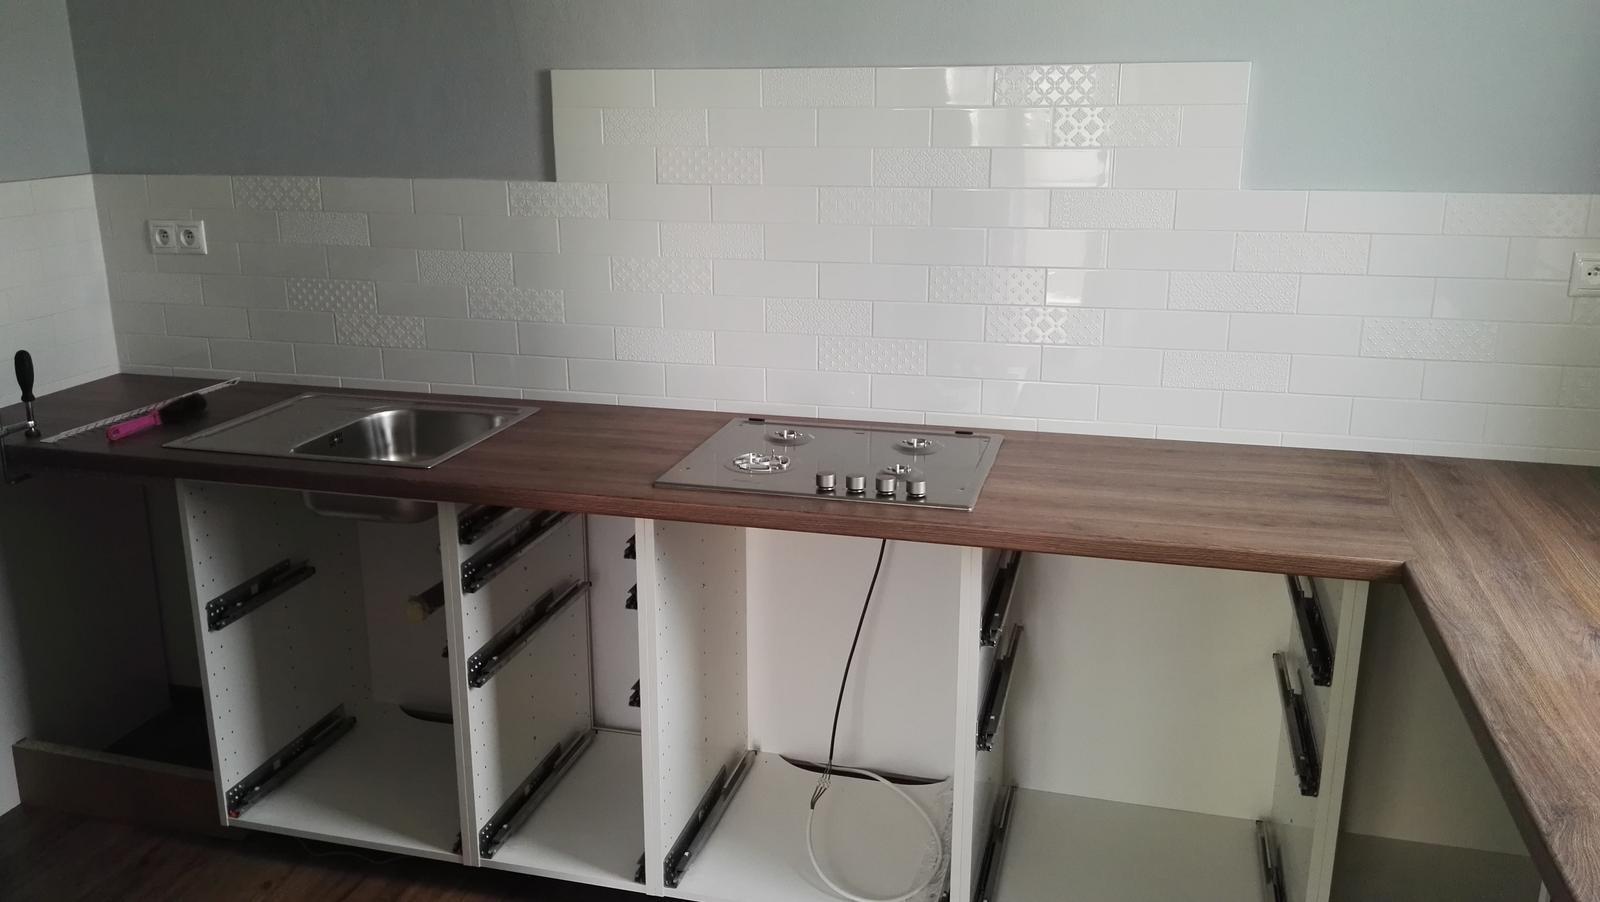 Projekt: Nové bývanie ... - ... dolné skrinky nahodené už aj s pracovnou doskou ...